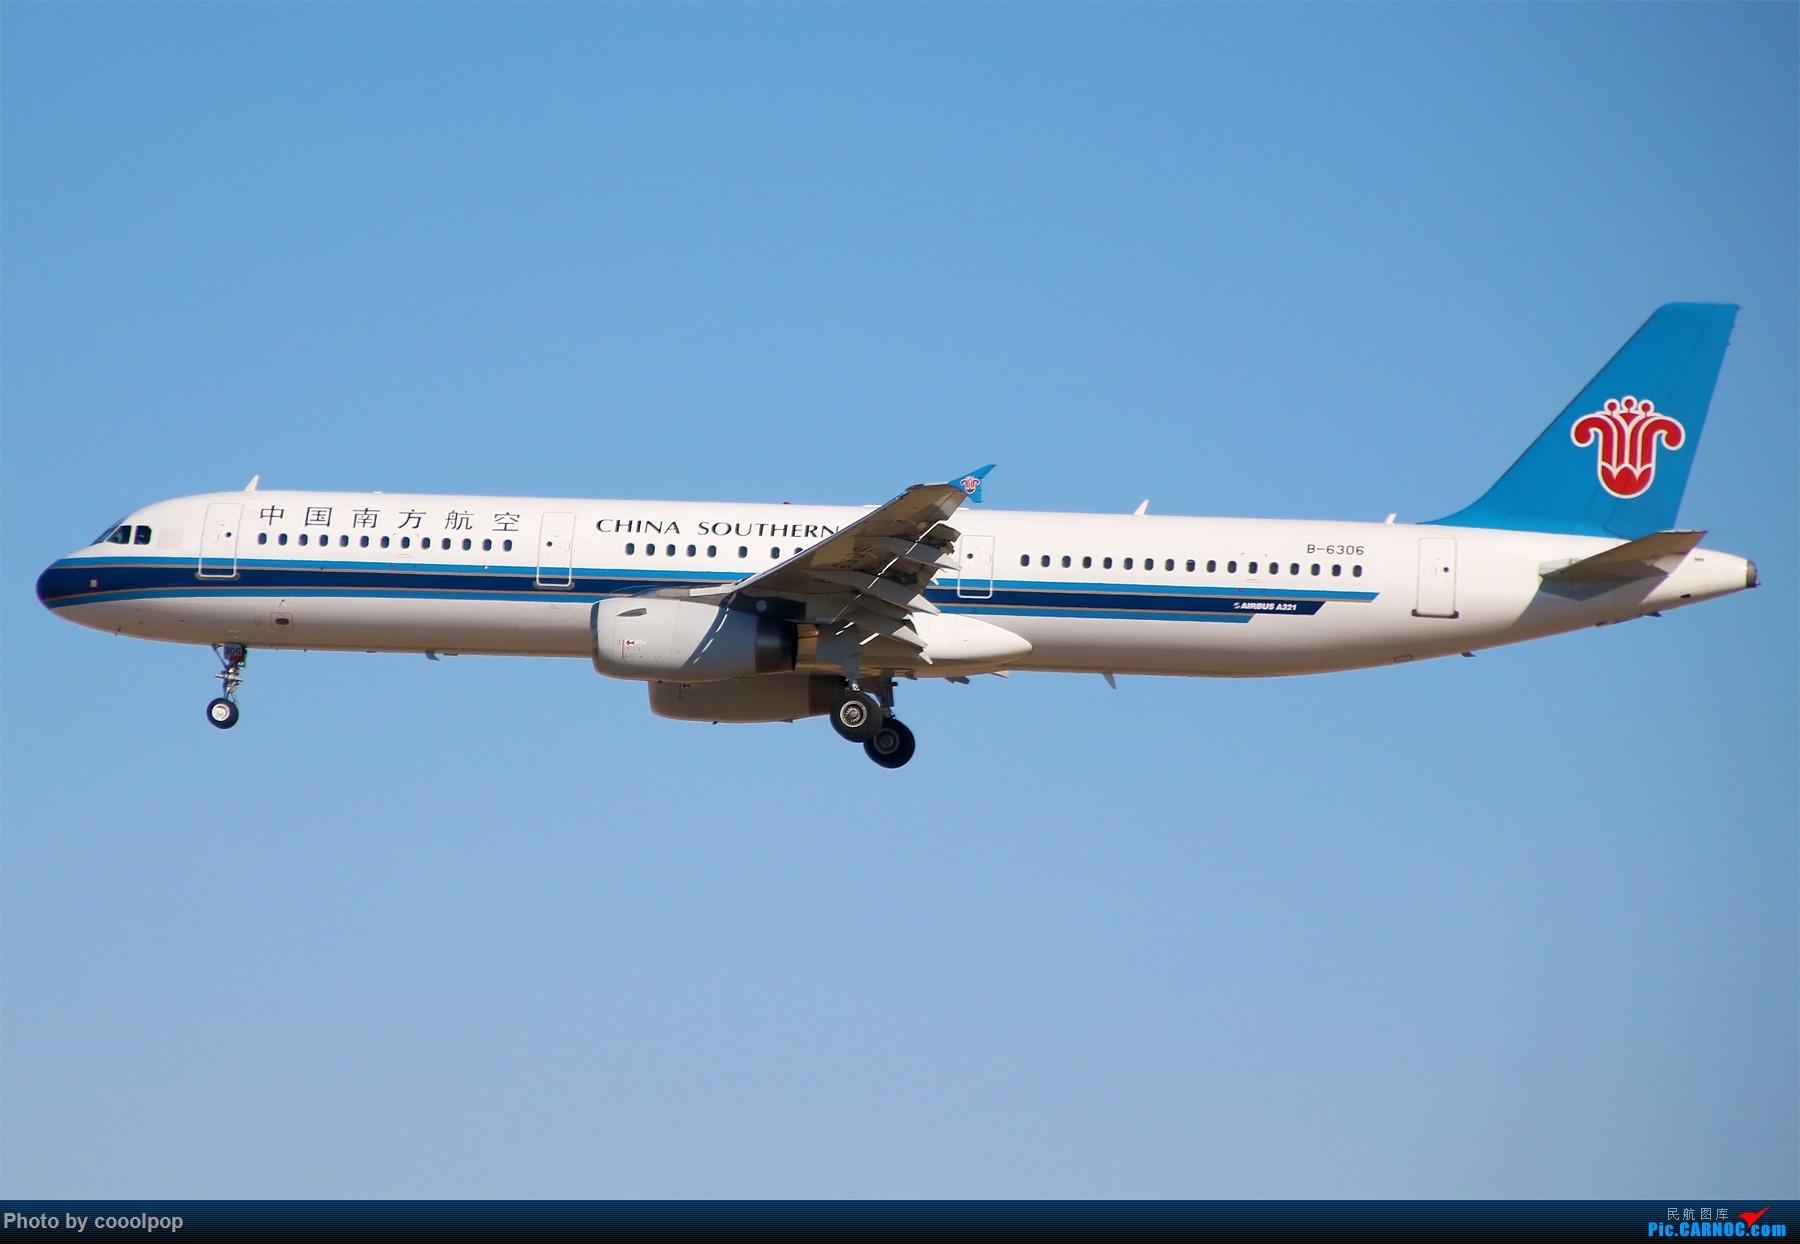 Re:[原创]PEK T3 桥上的一些大鸟!牌彩绘是要拼人品哒! AIRBUS A321-200 B-6306 中国北京首都国际机场